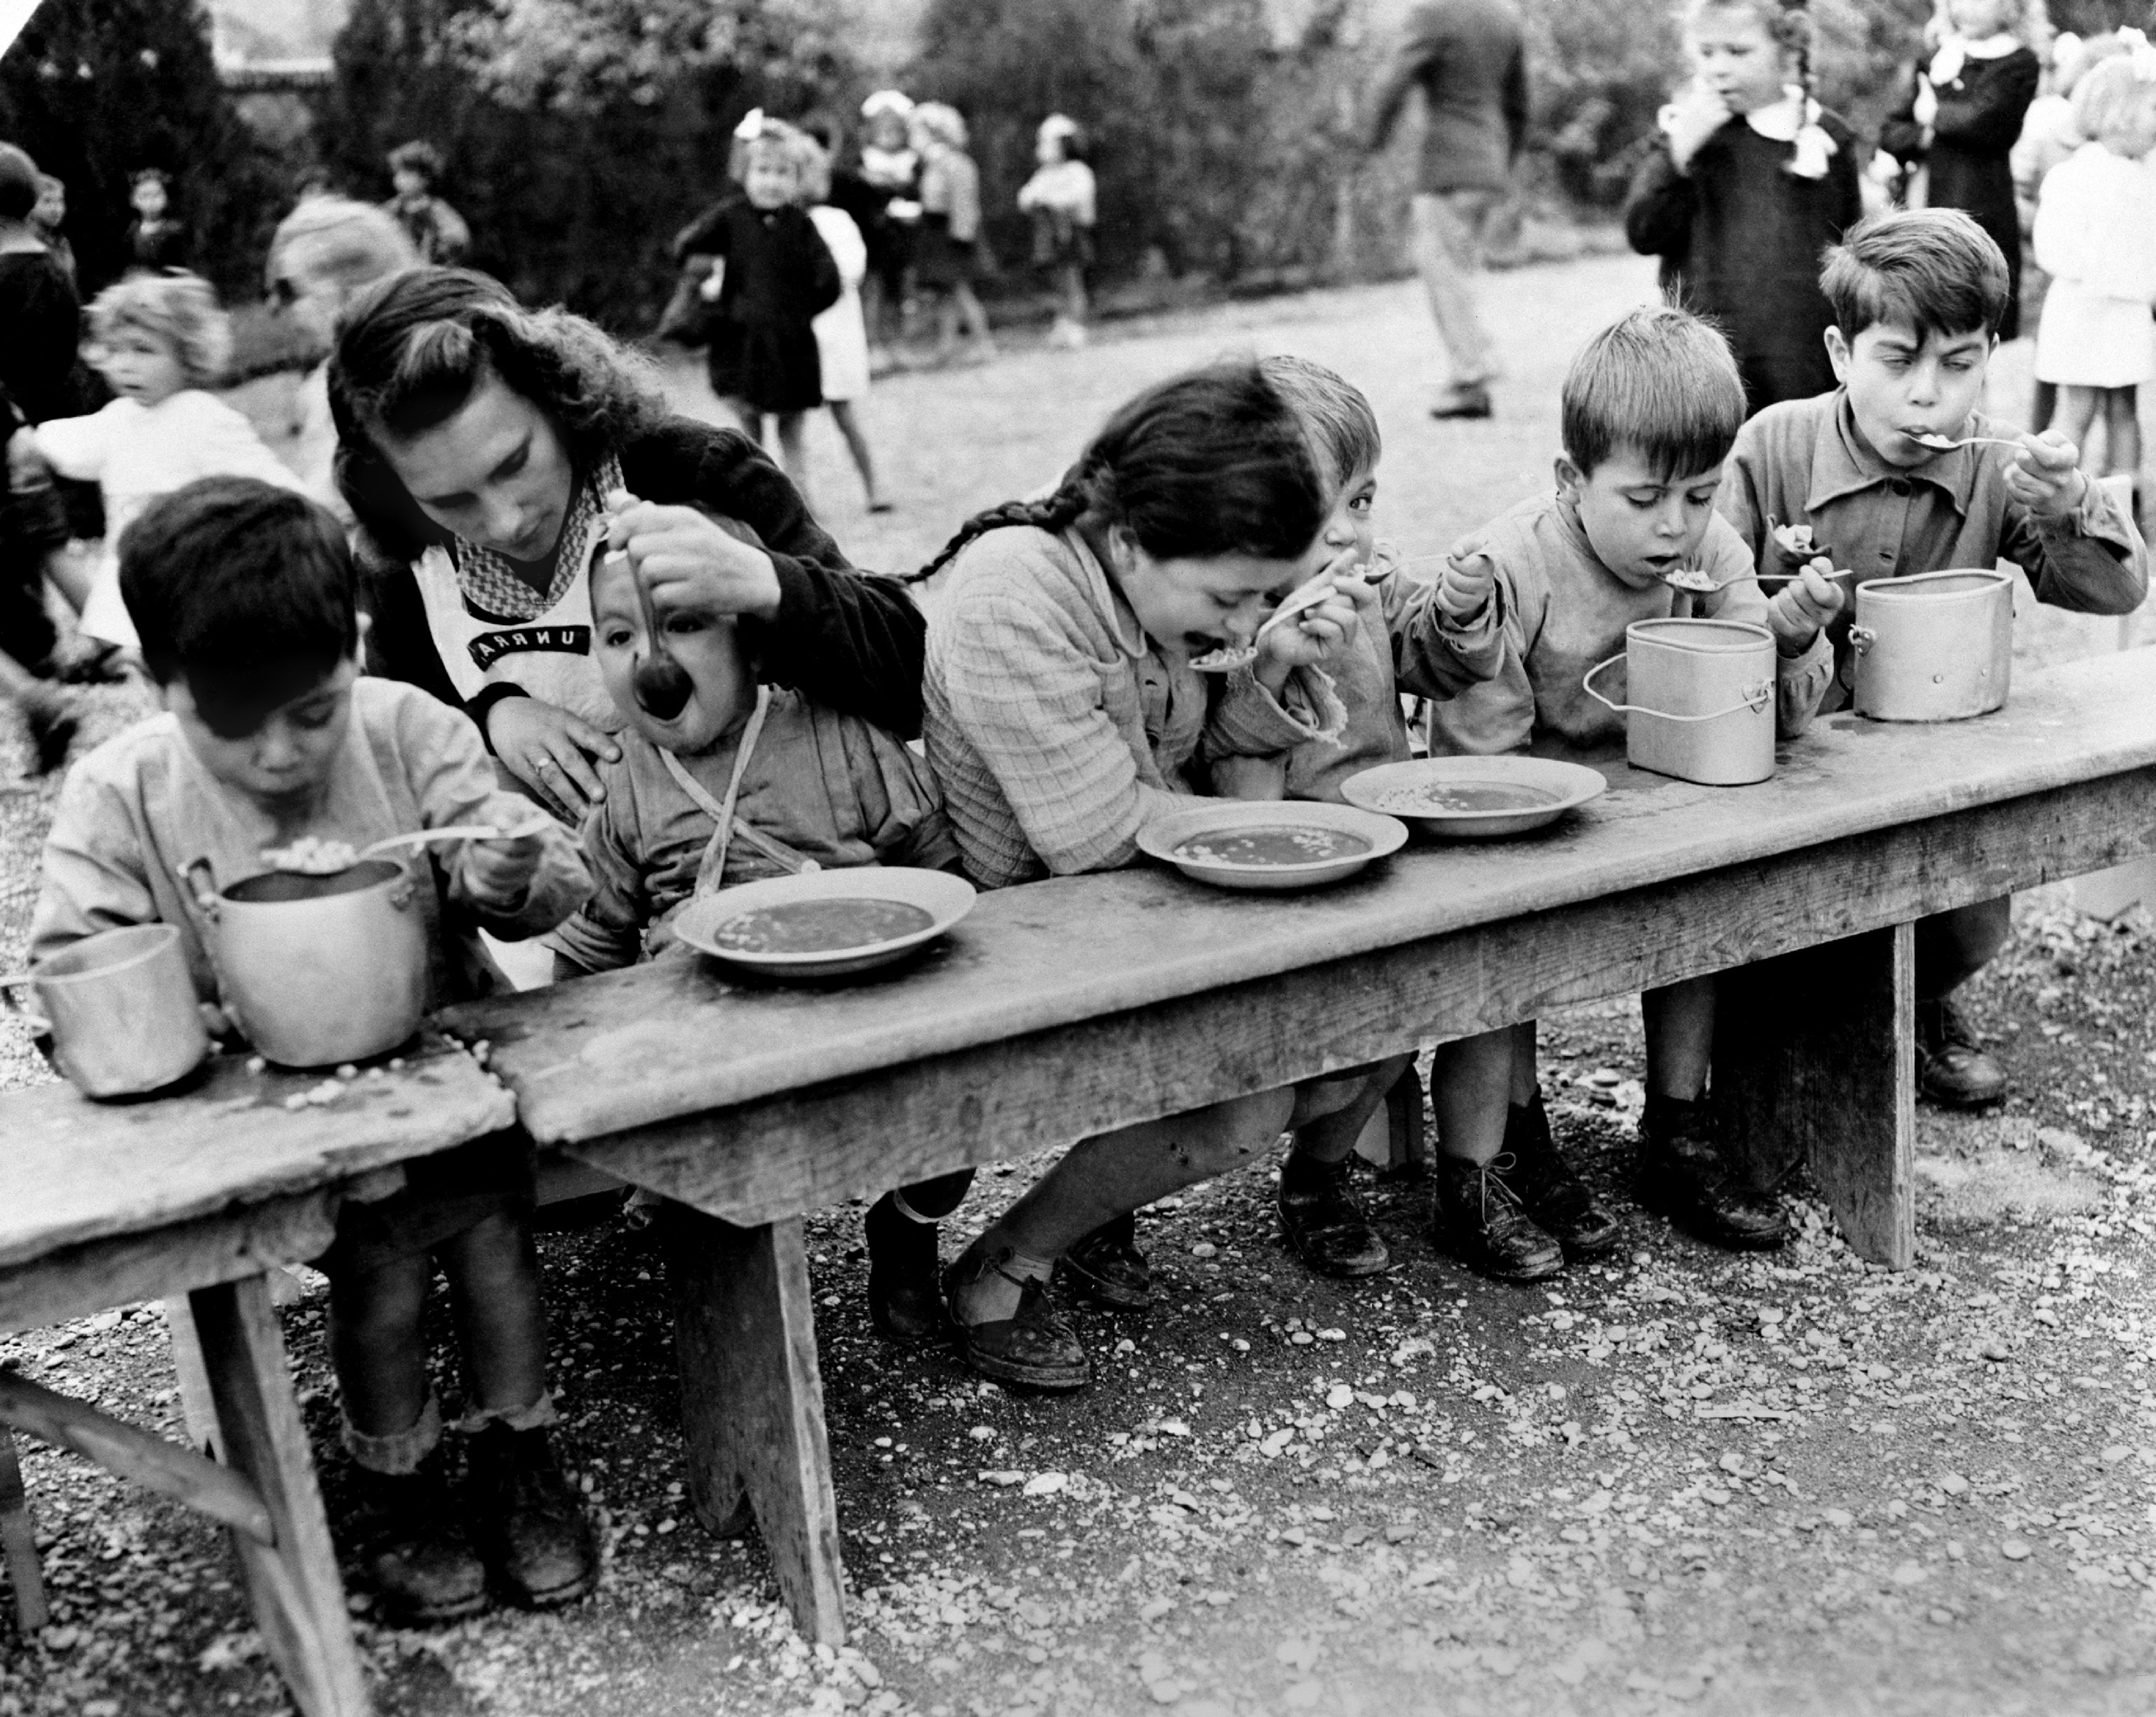 Italia, 1945: tavolata di bambini che ricevono un pasto dall'UNRRA, a sostegno delle popolazioni vittime della guerra